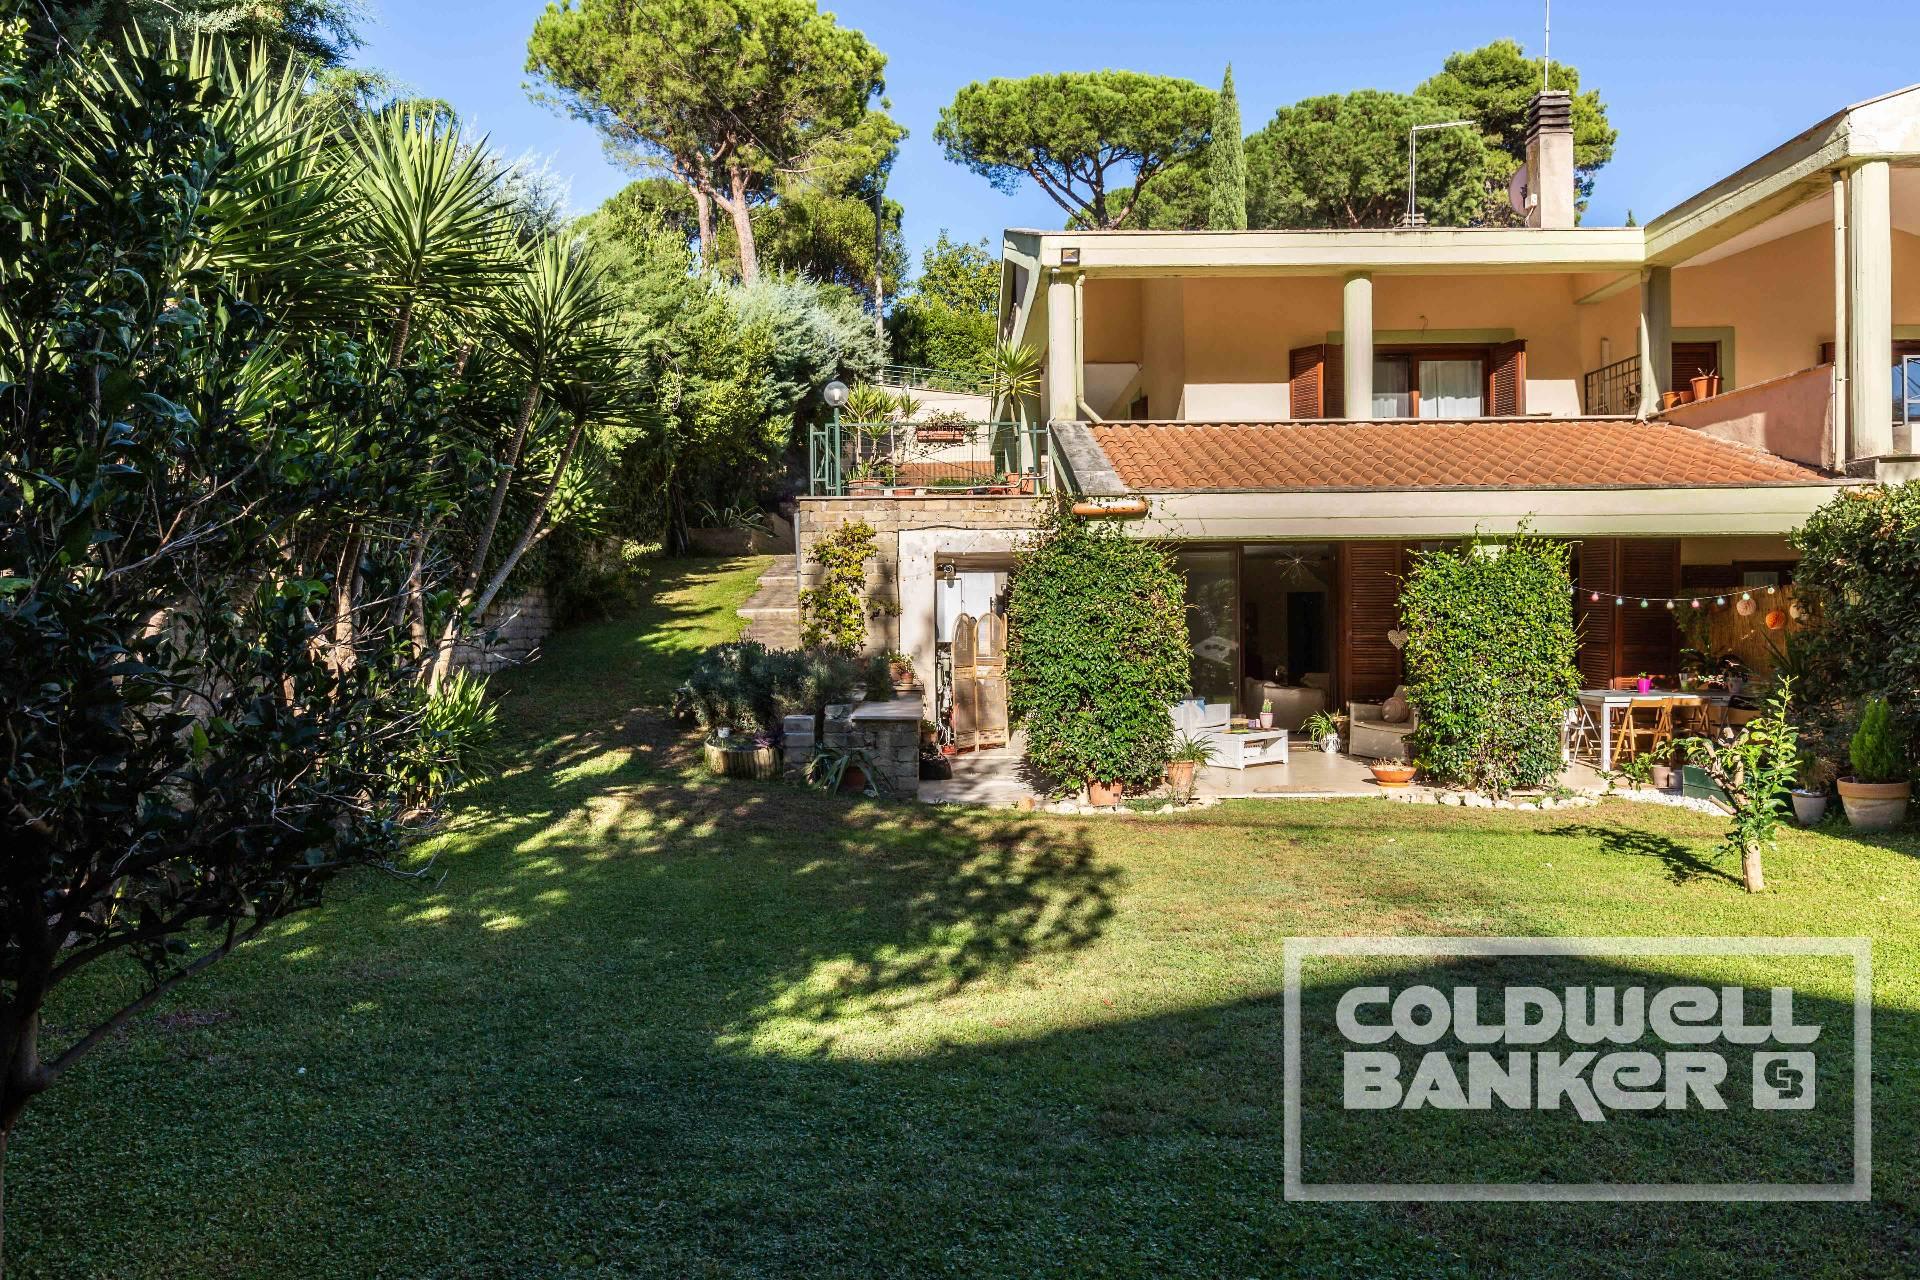 Villa in vendita a Castelnuovo di Porto, 6 locali, prezzo € 250.000 | CambioCasa.it